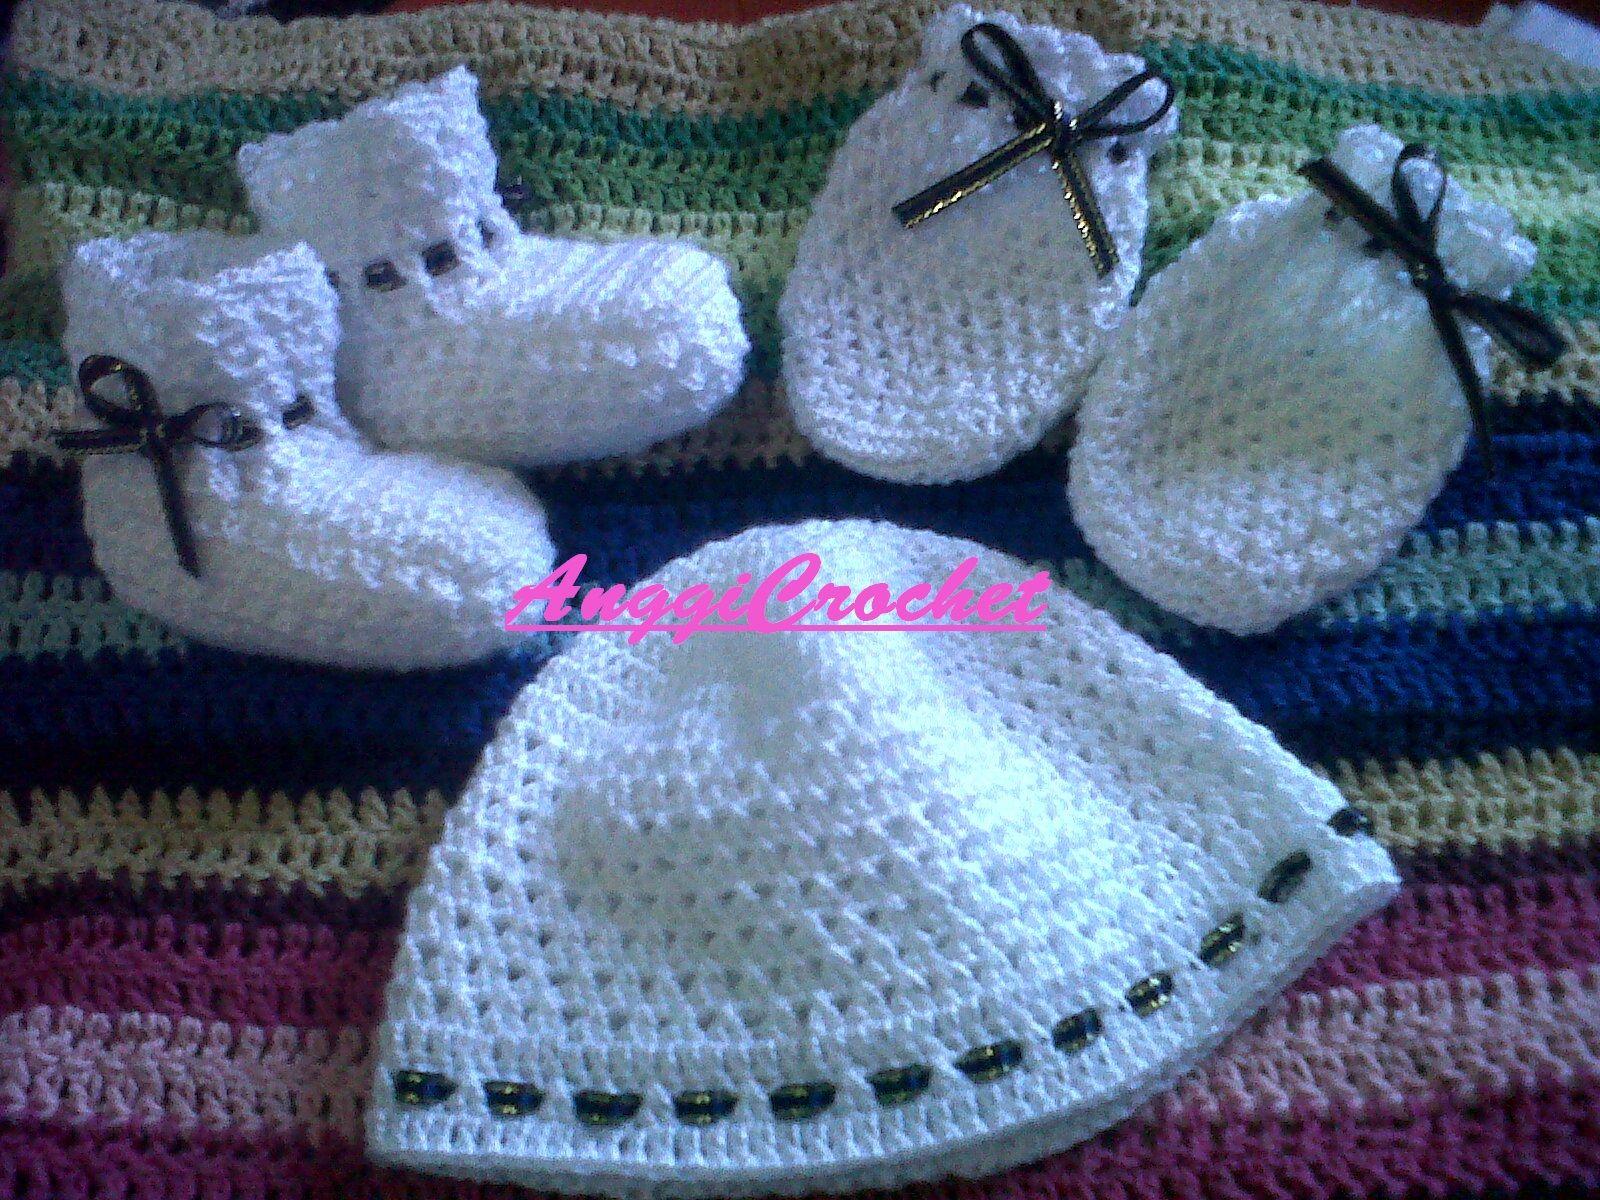 5d00055e3 Juego de manoplas, escarpines y gorro para bebe recien nacido tejido a  crochet